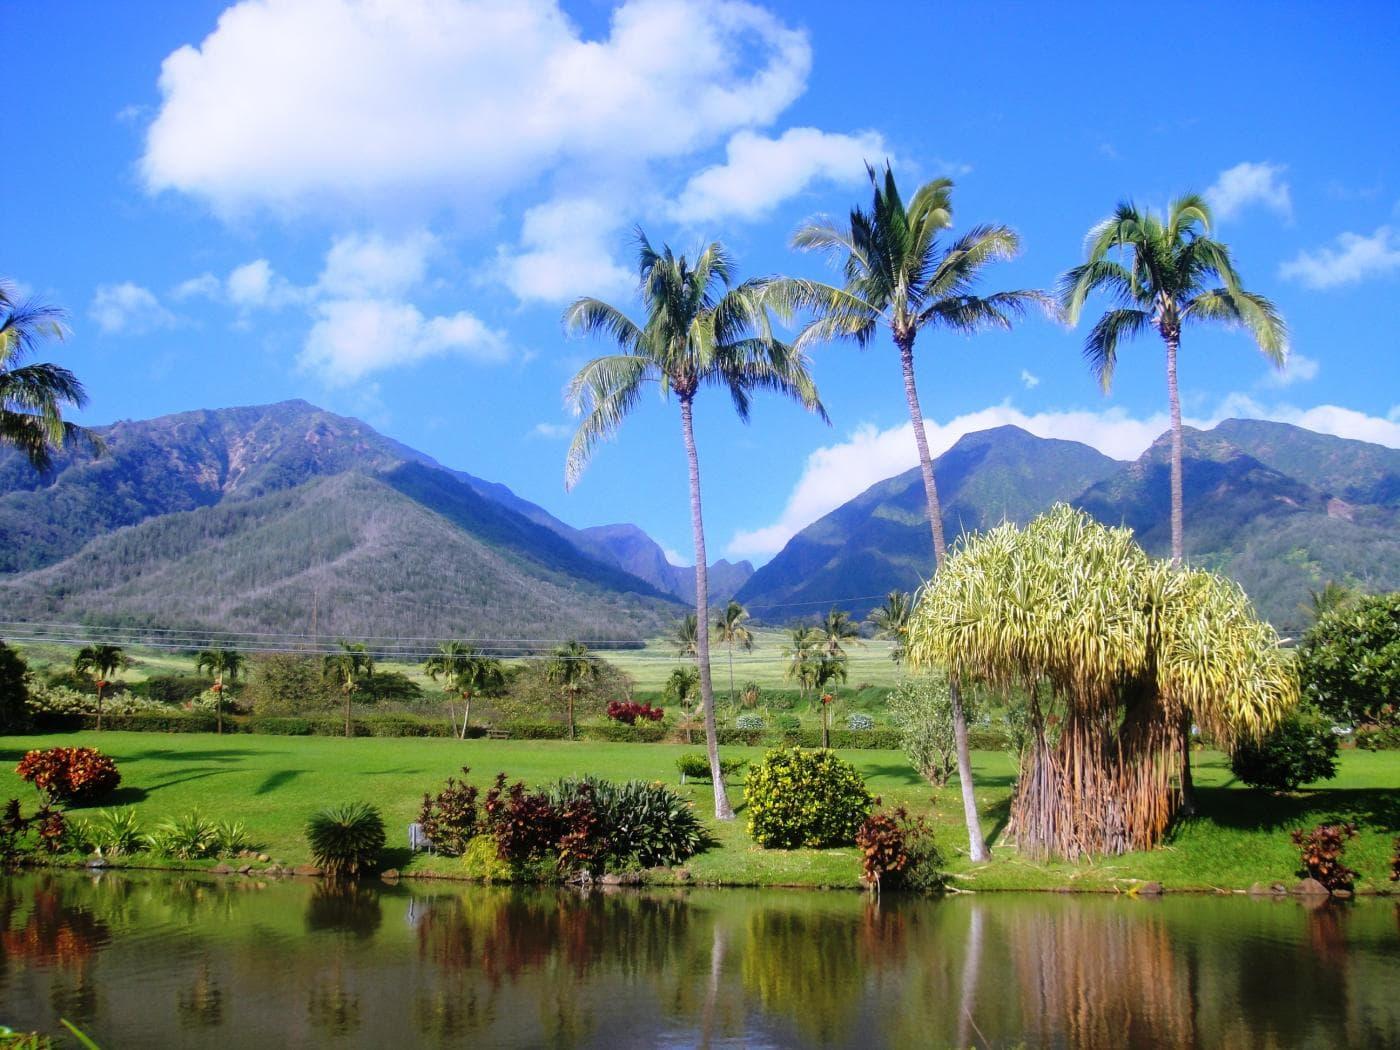 iao-valley-and-maui-tropical-plantation-maui-kahului-hi-1.jpg